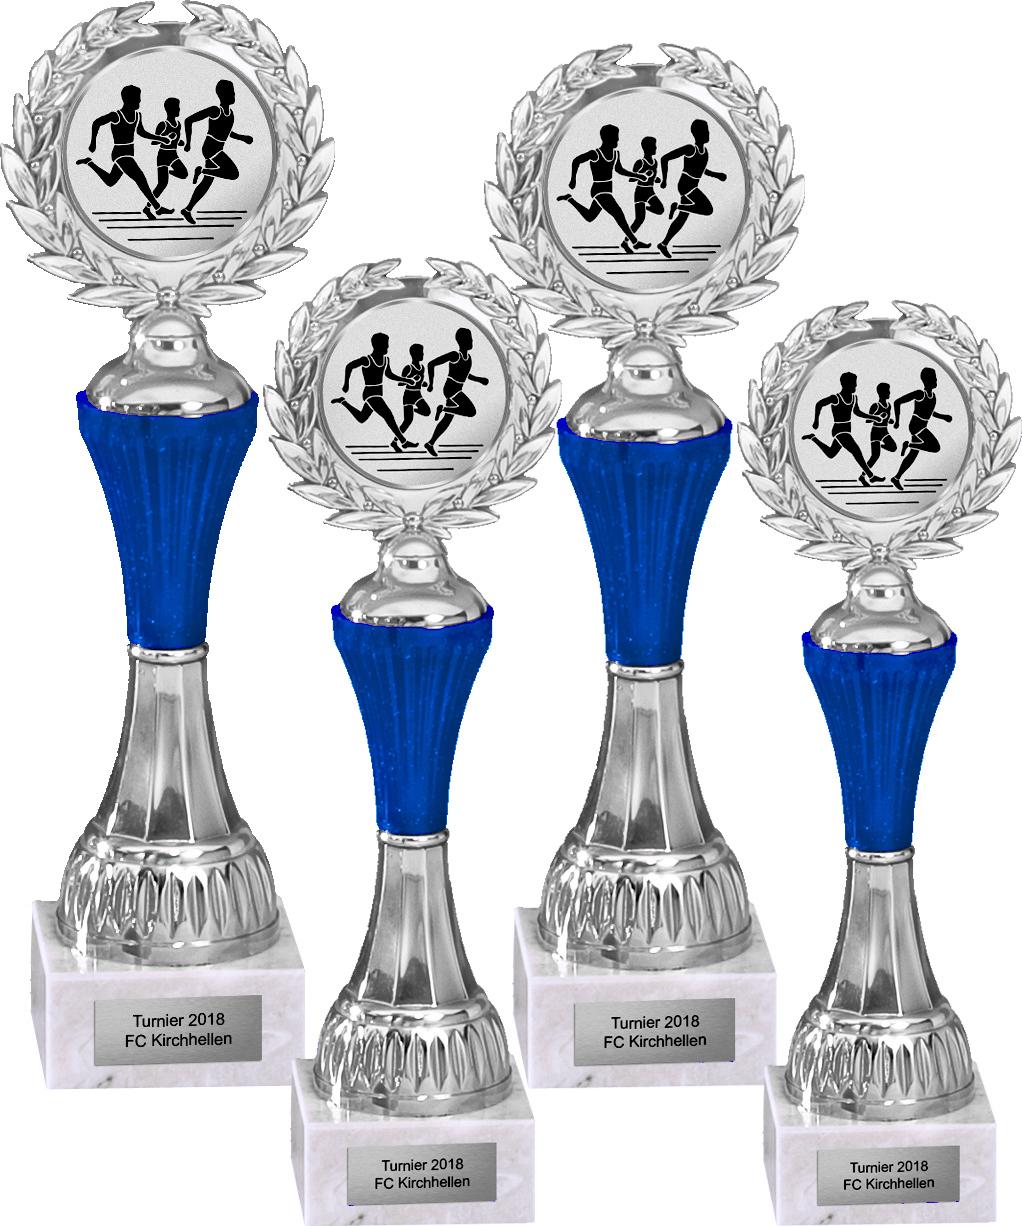 4er Pokalserie 23-27cm Pokale Silberpokal silber versilbert